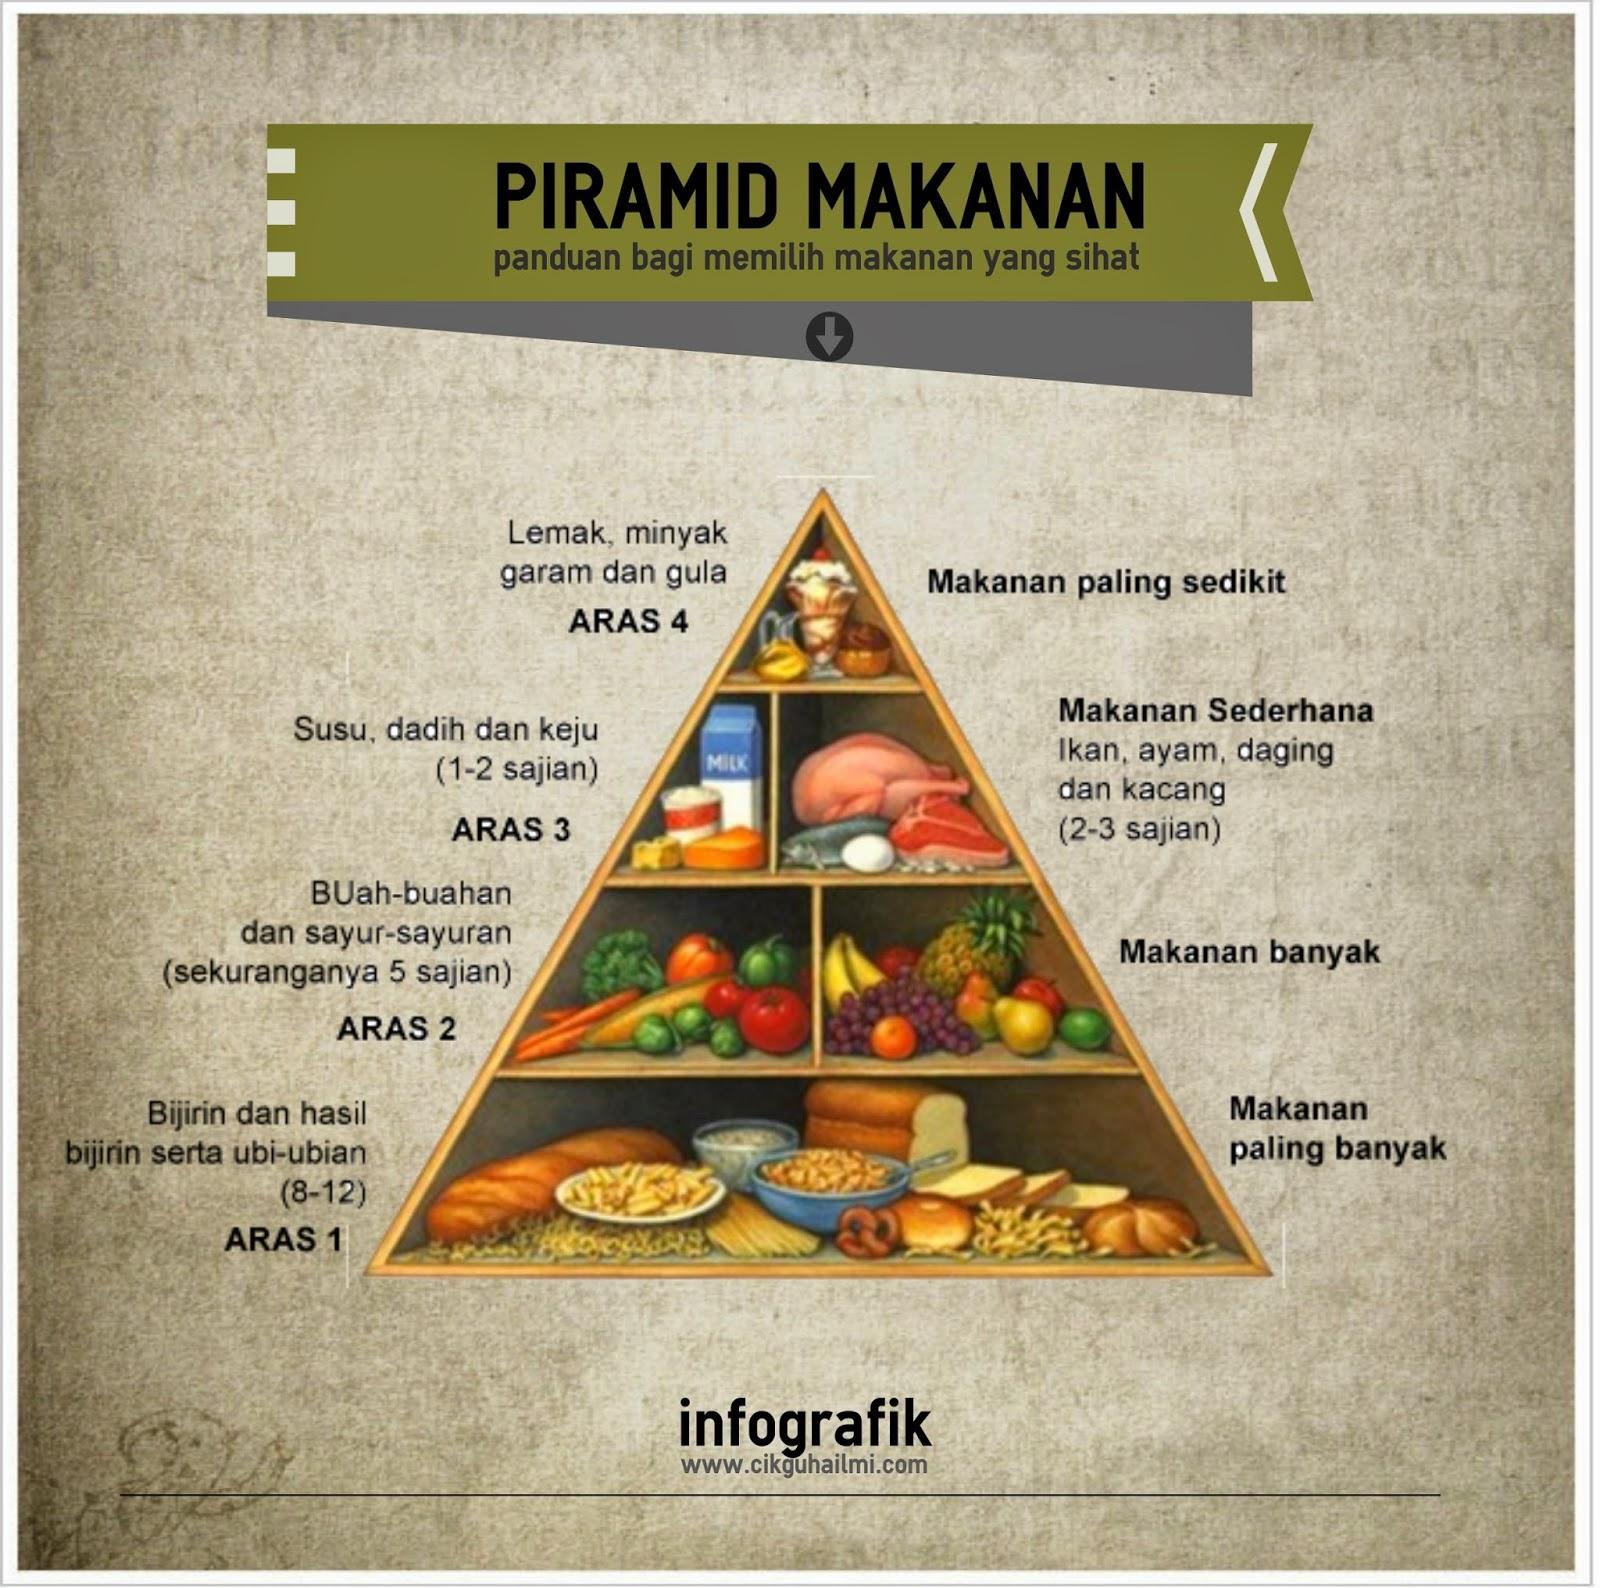 Infografik Piramid Makanan